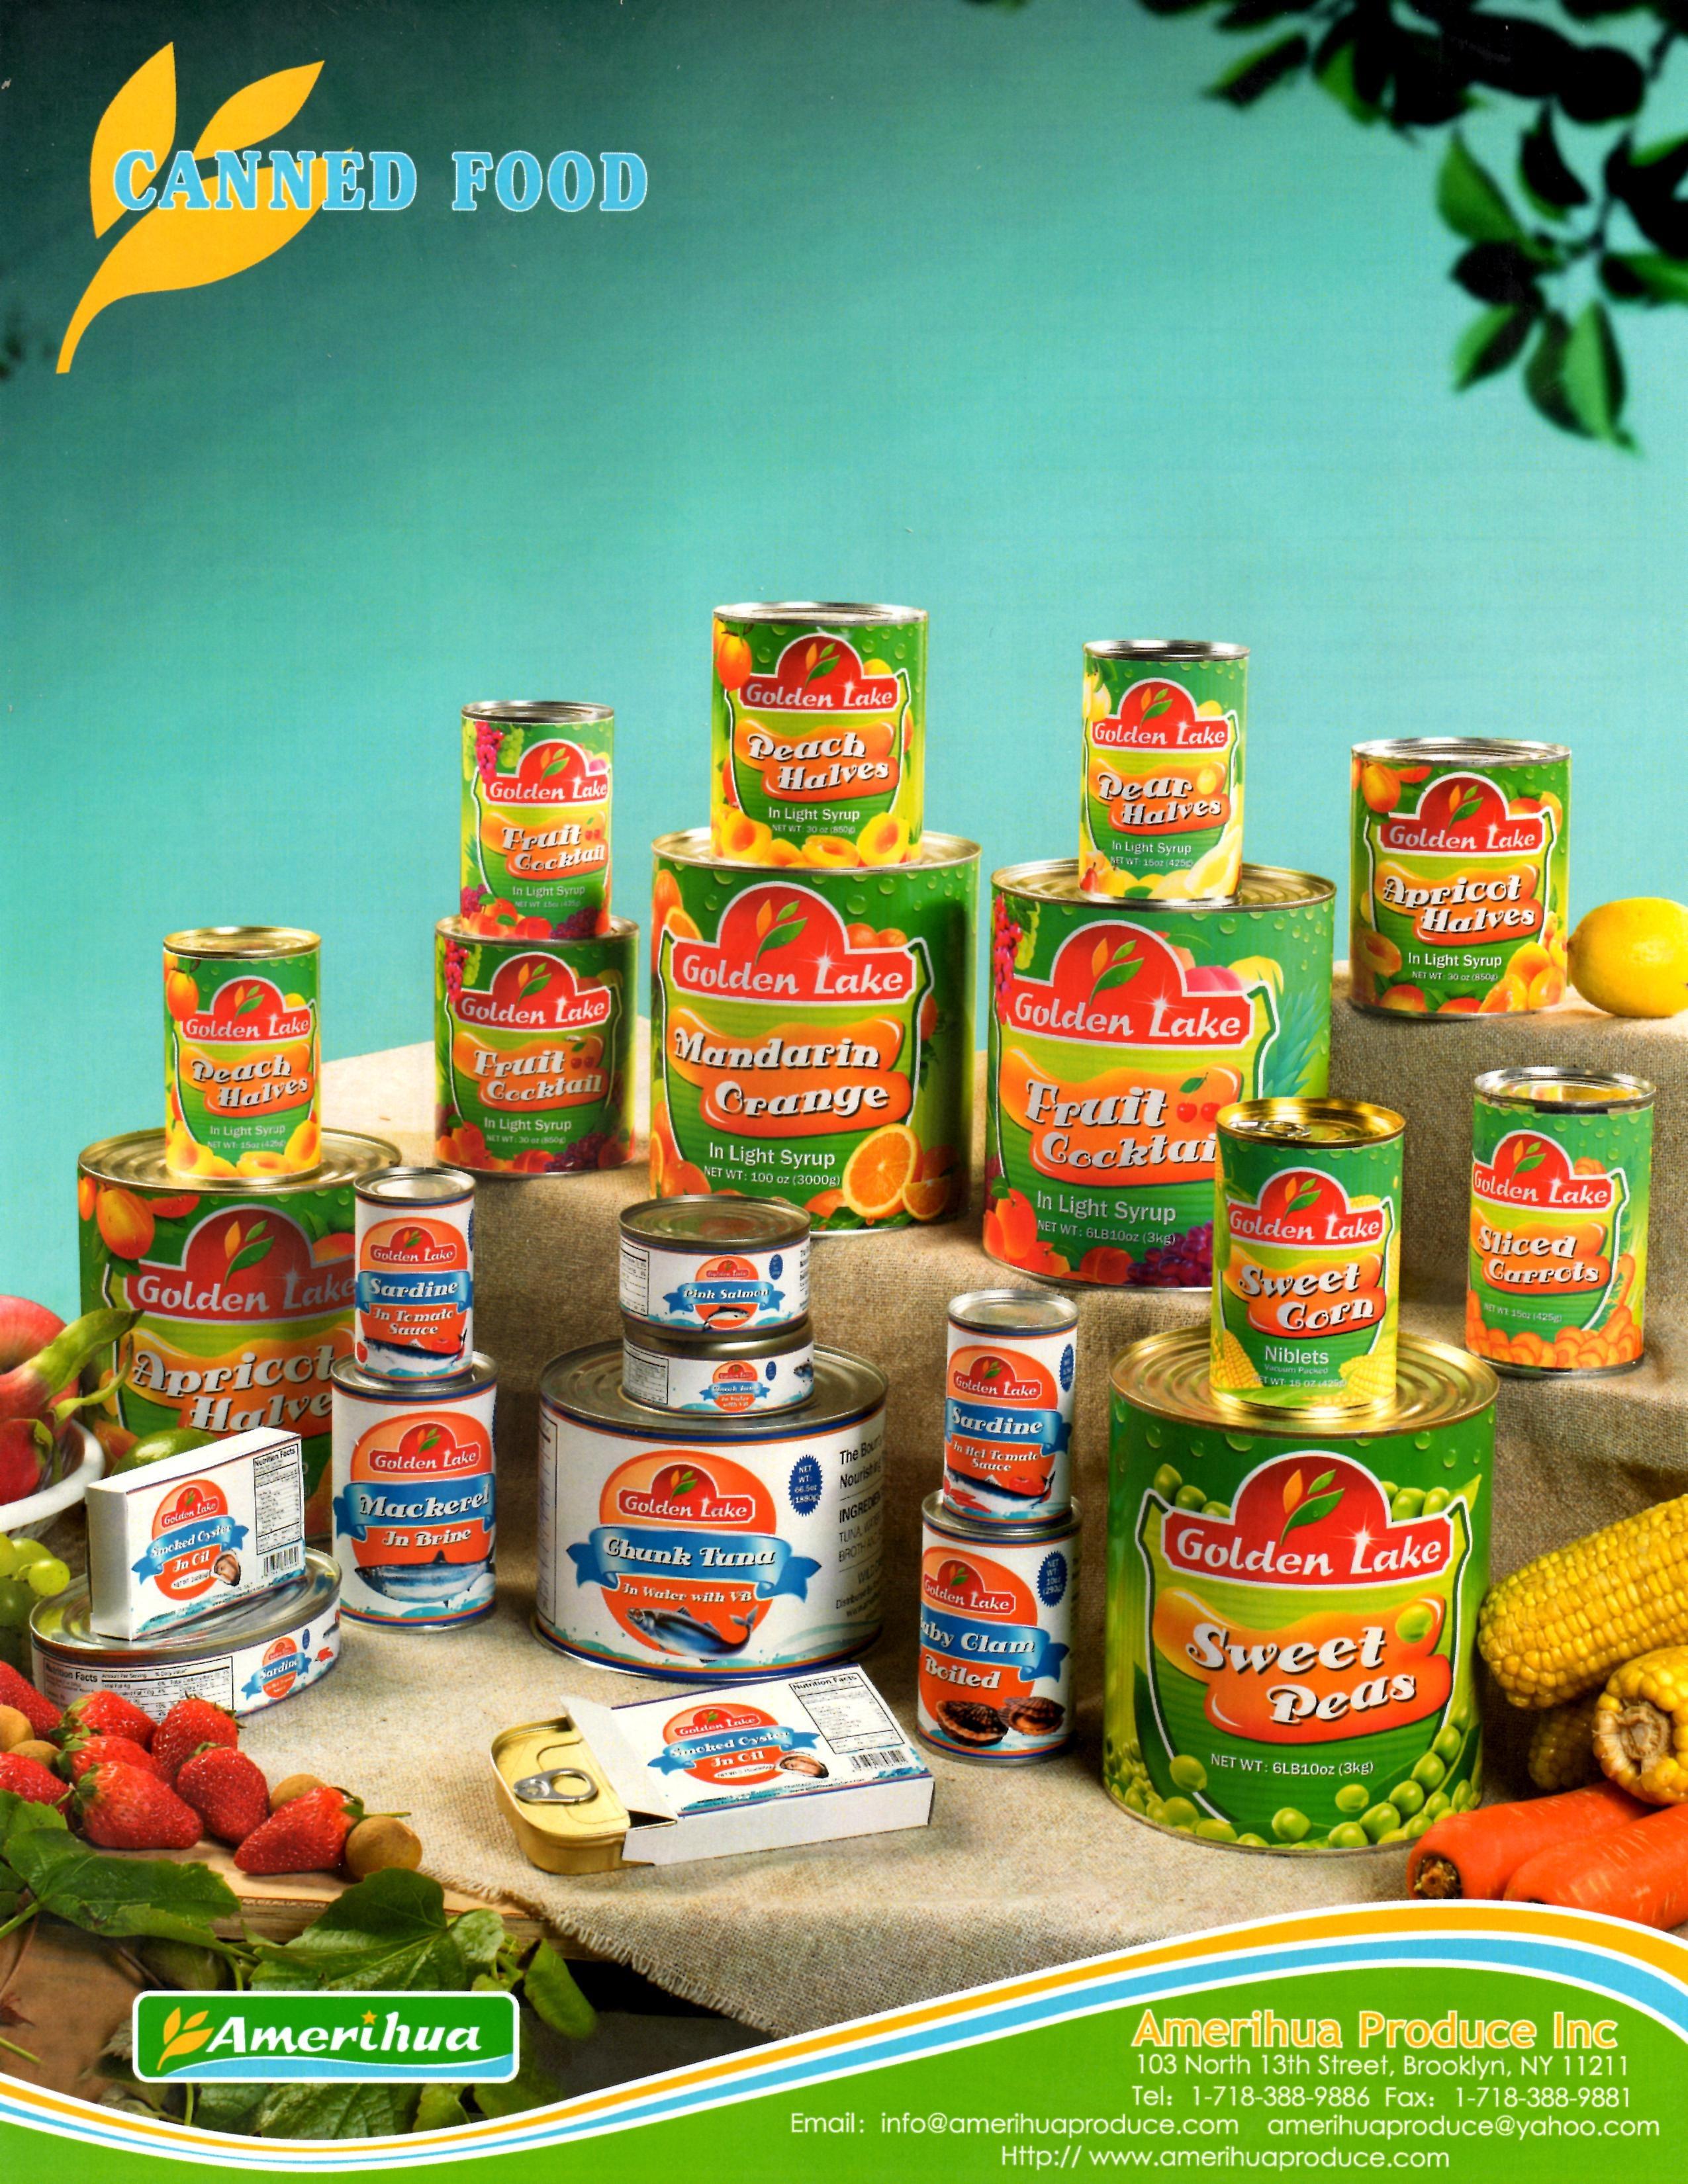 Amerihua canned